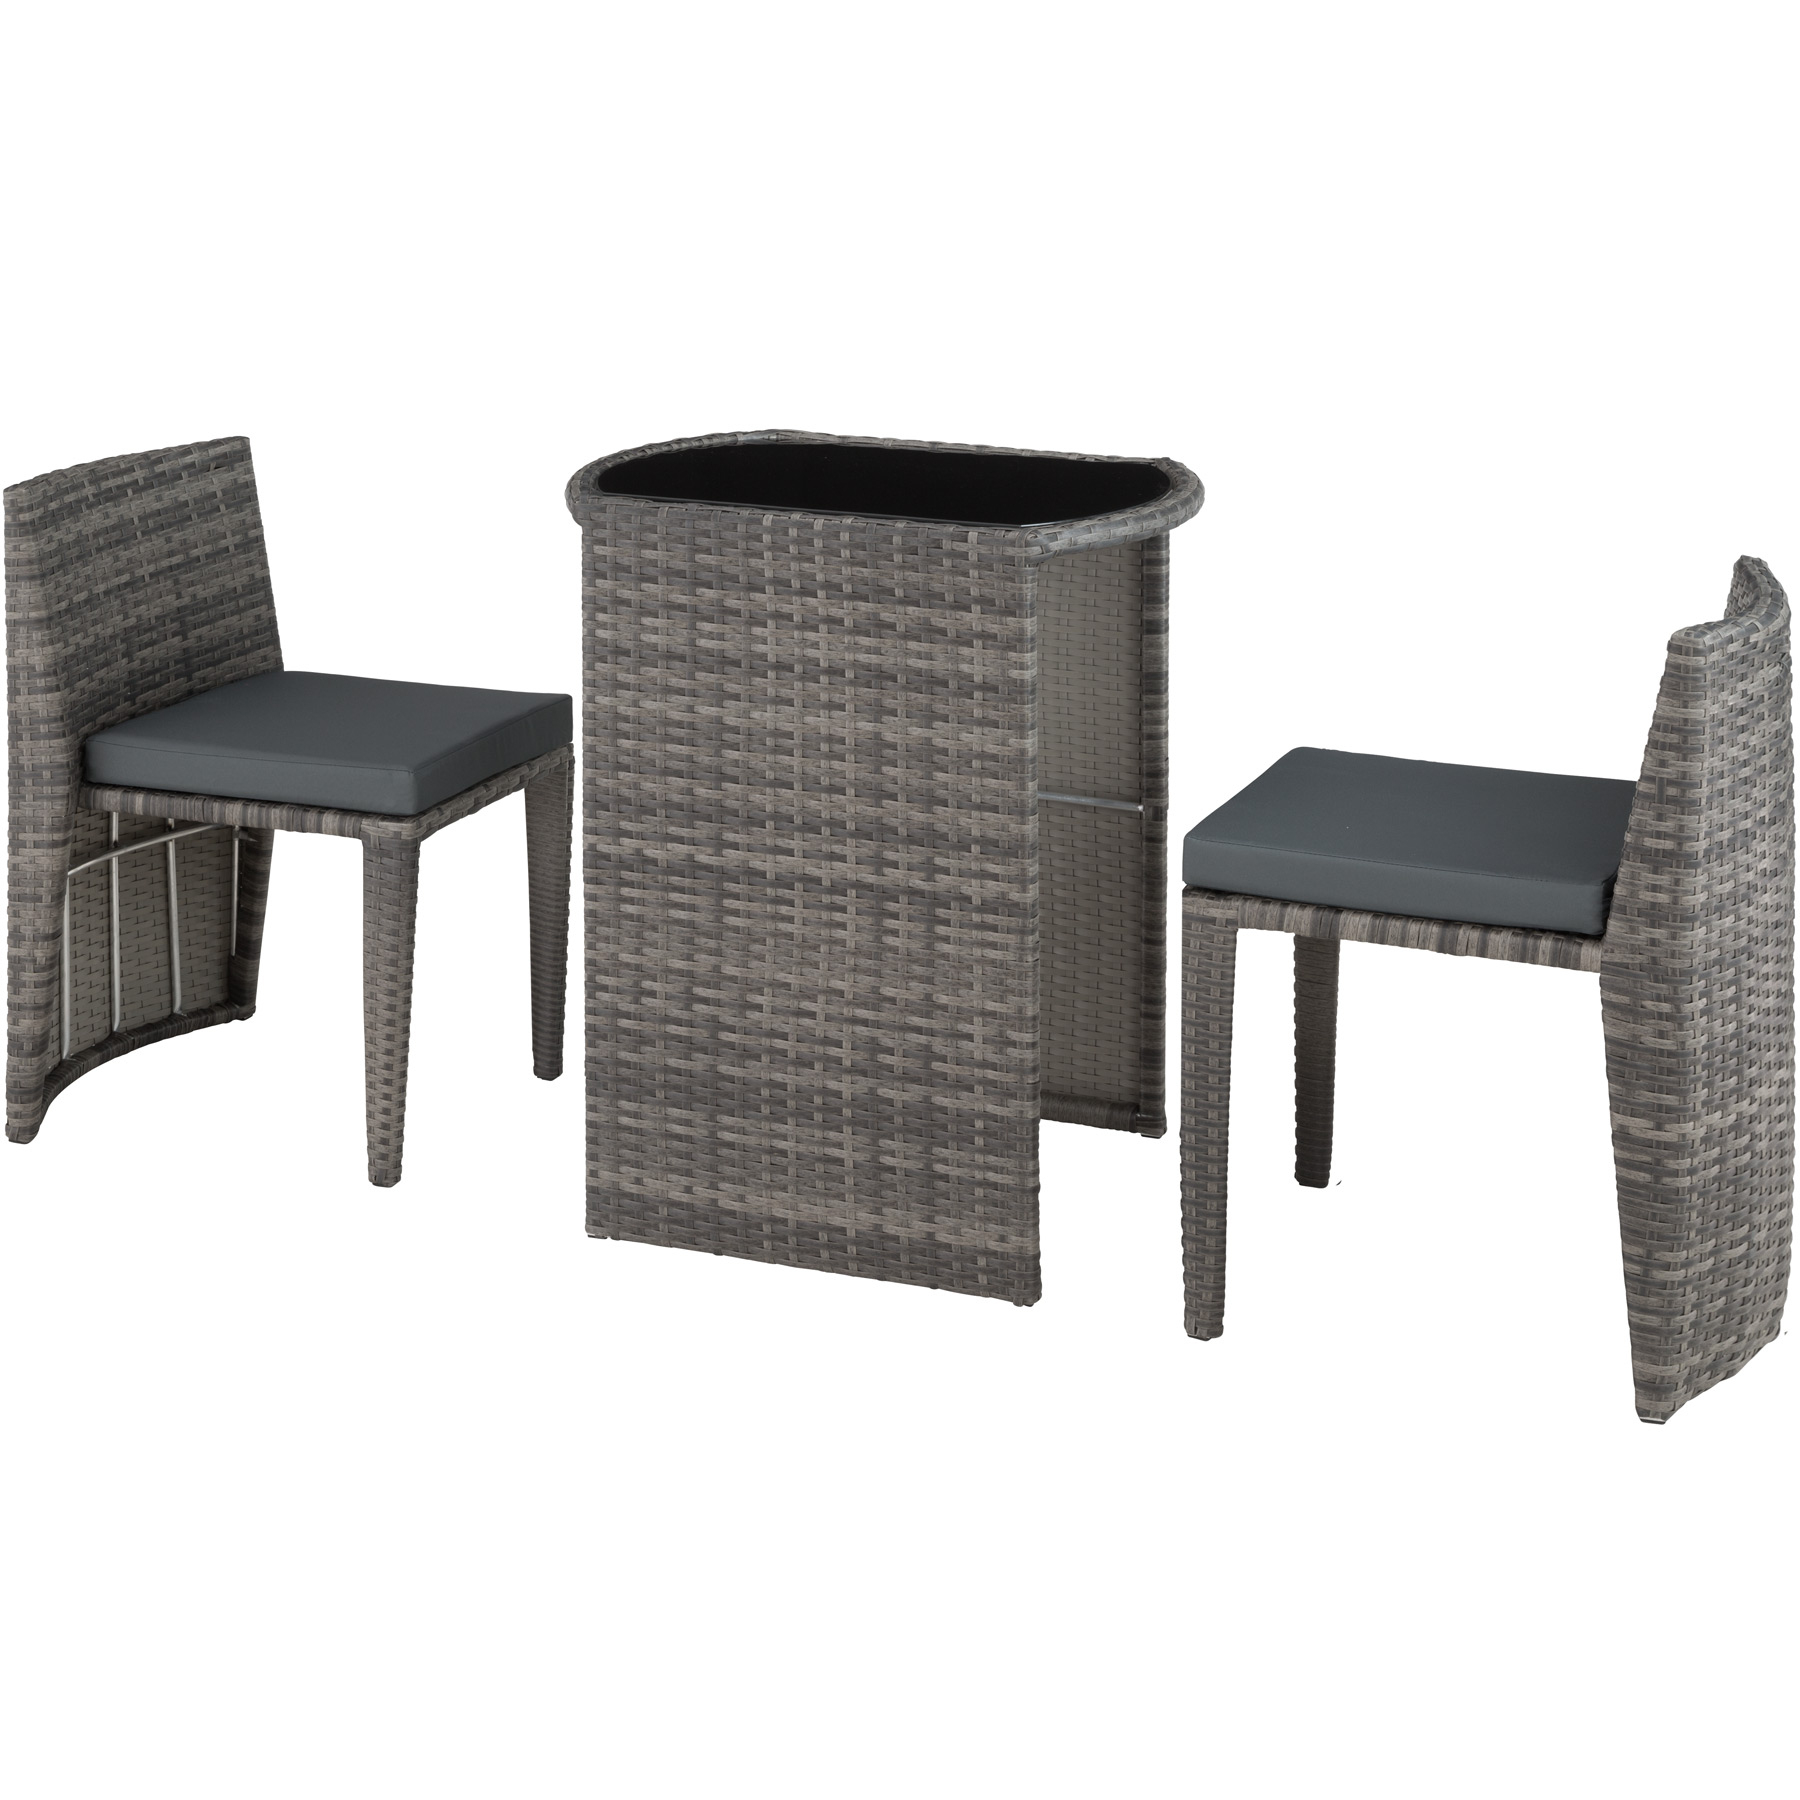 Détails Sur Salon De Jardin Résine Tressée 2 Personnes Mobilier Encastrable  Chaises Table tout Salon De Jardin En Resine Encastrable